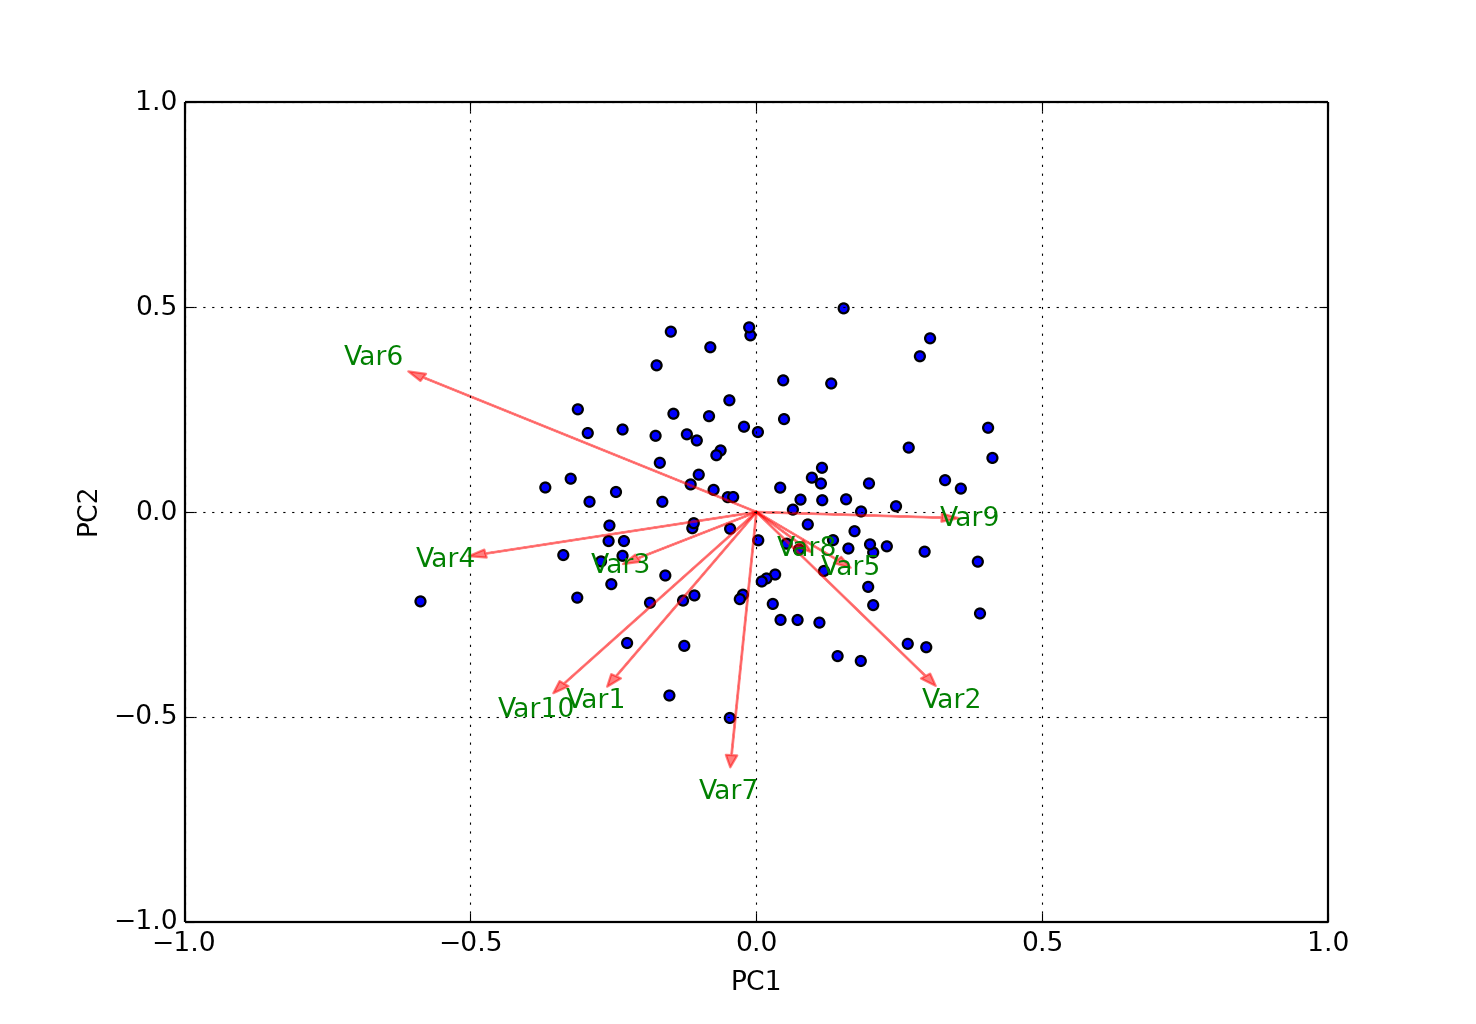 Biplot. **Var1** y **Var6** están muy poco correlacionadas, mientras que **Var1** y **Var10** sí lo están    *Créd. <https://sukhbinder.wordpress.com/2016/03/02/biplot-in-python-revisited/>*